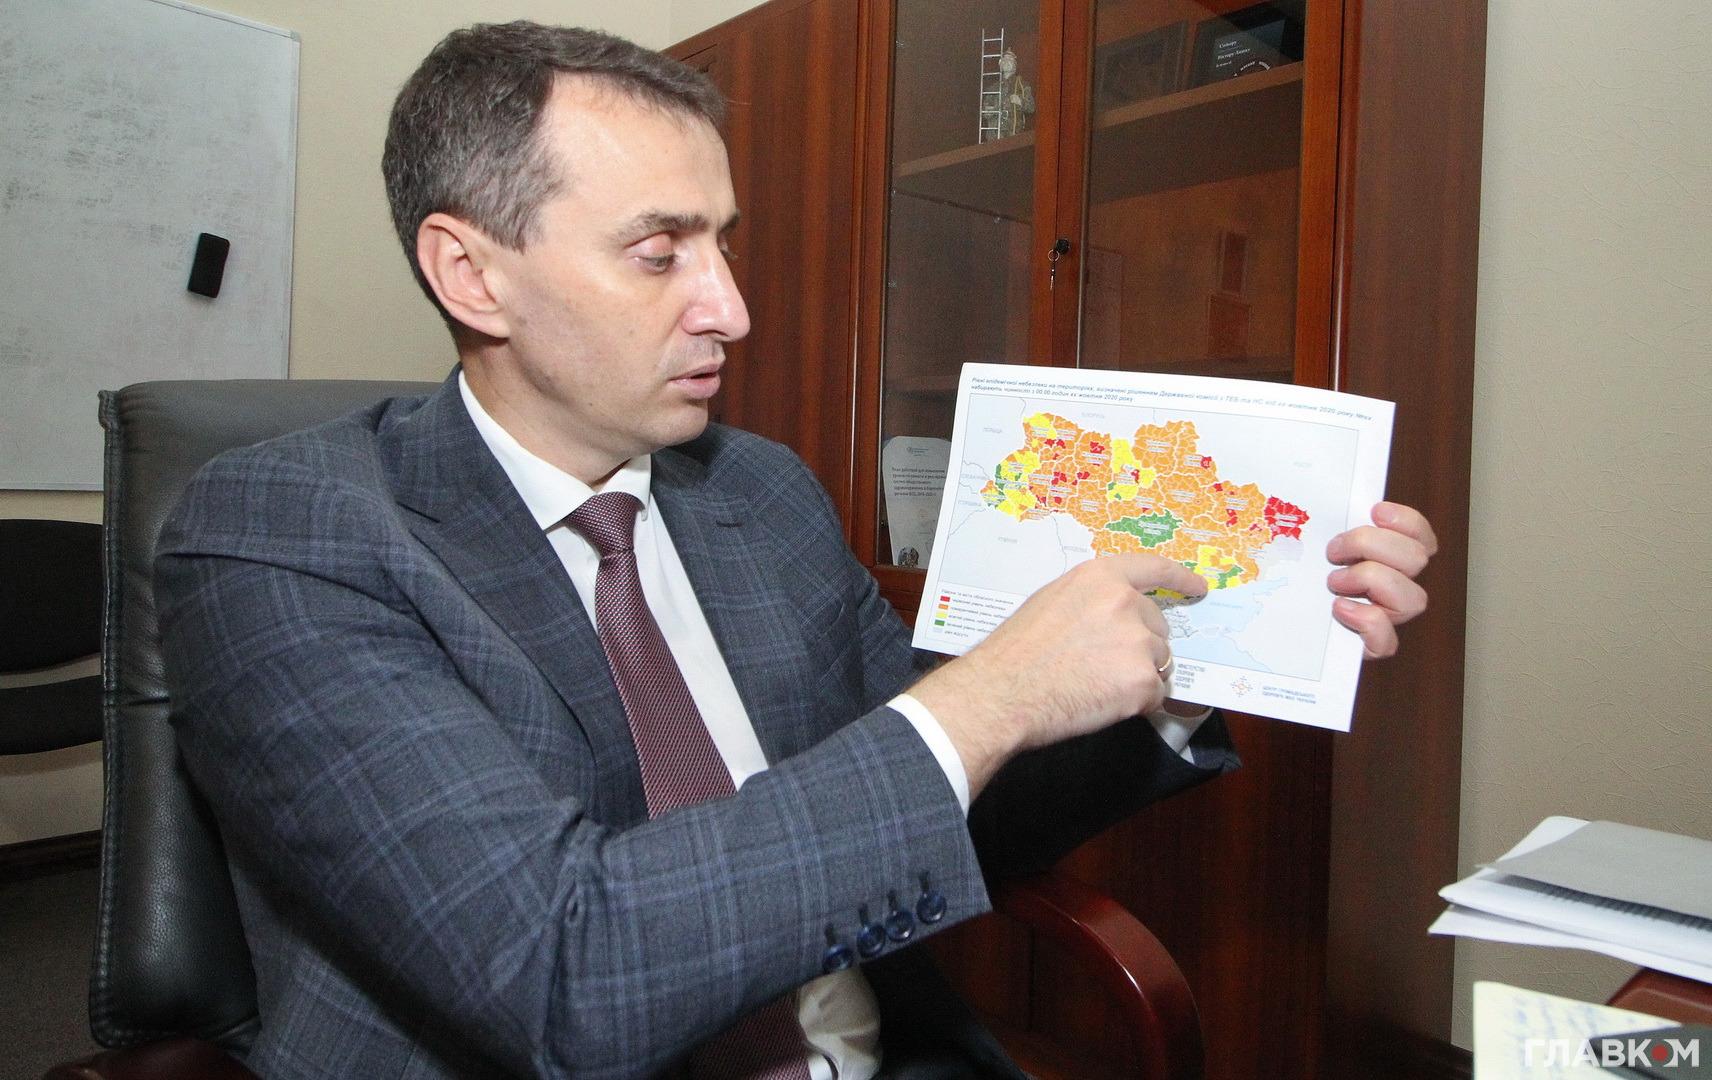 Віктор Ляшко демонструє розподіл Укра